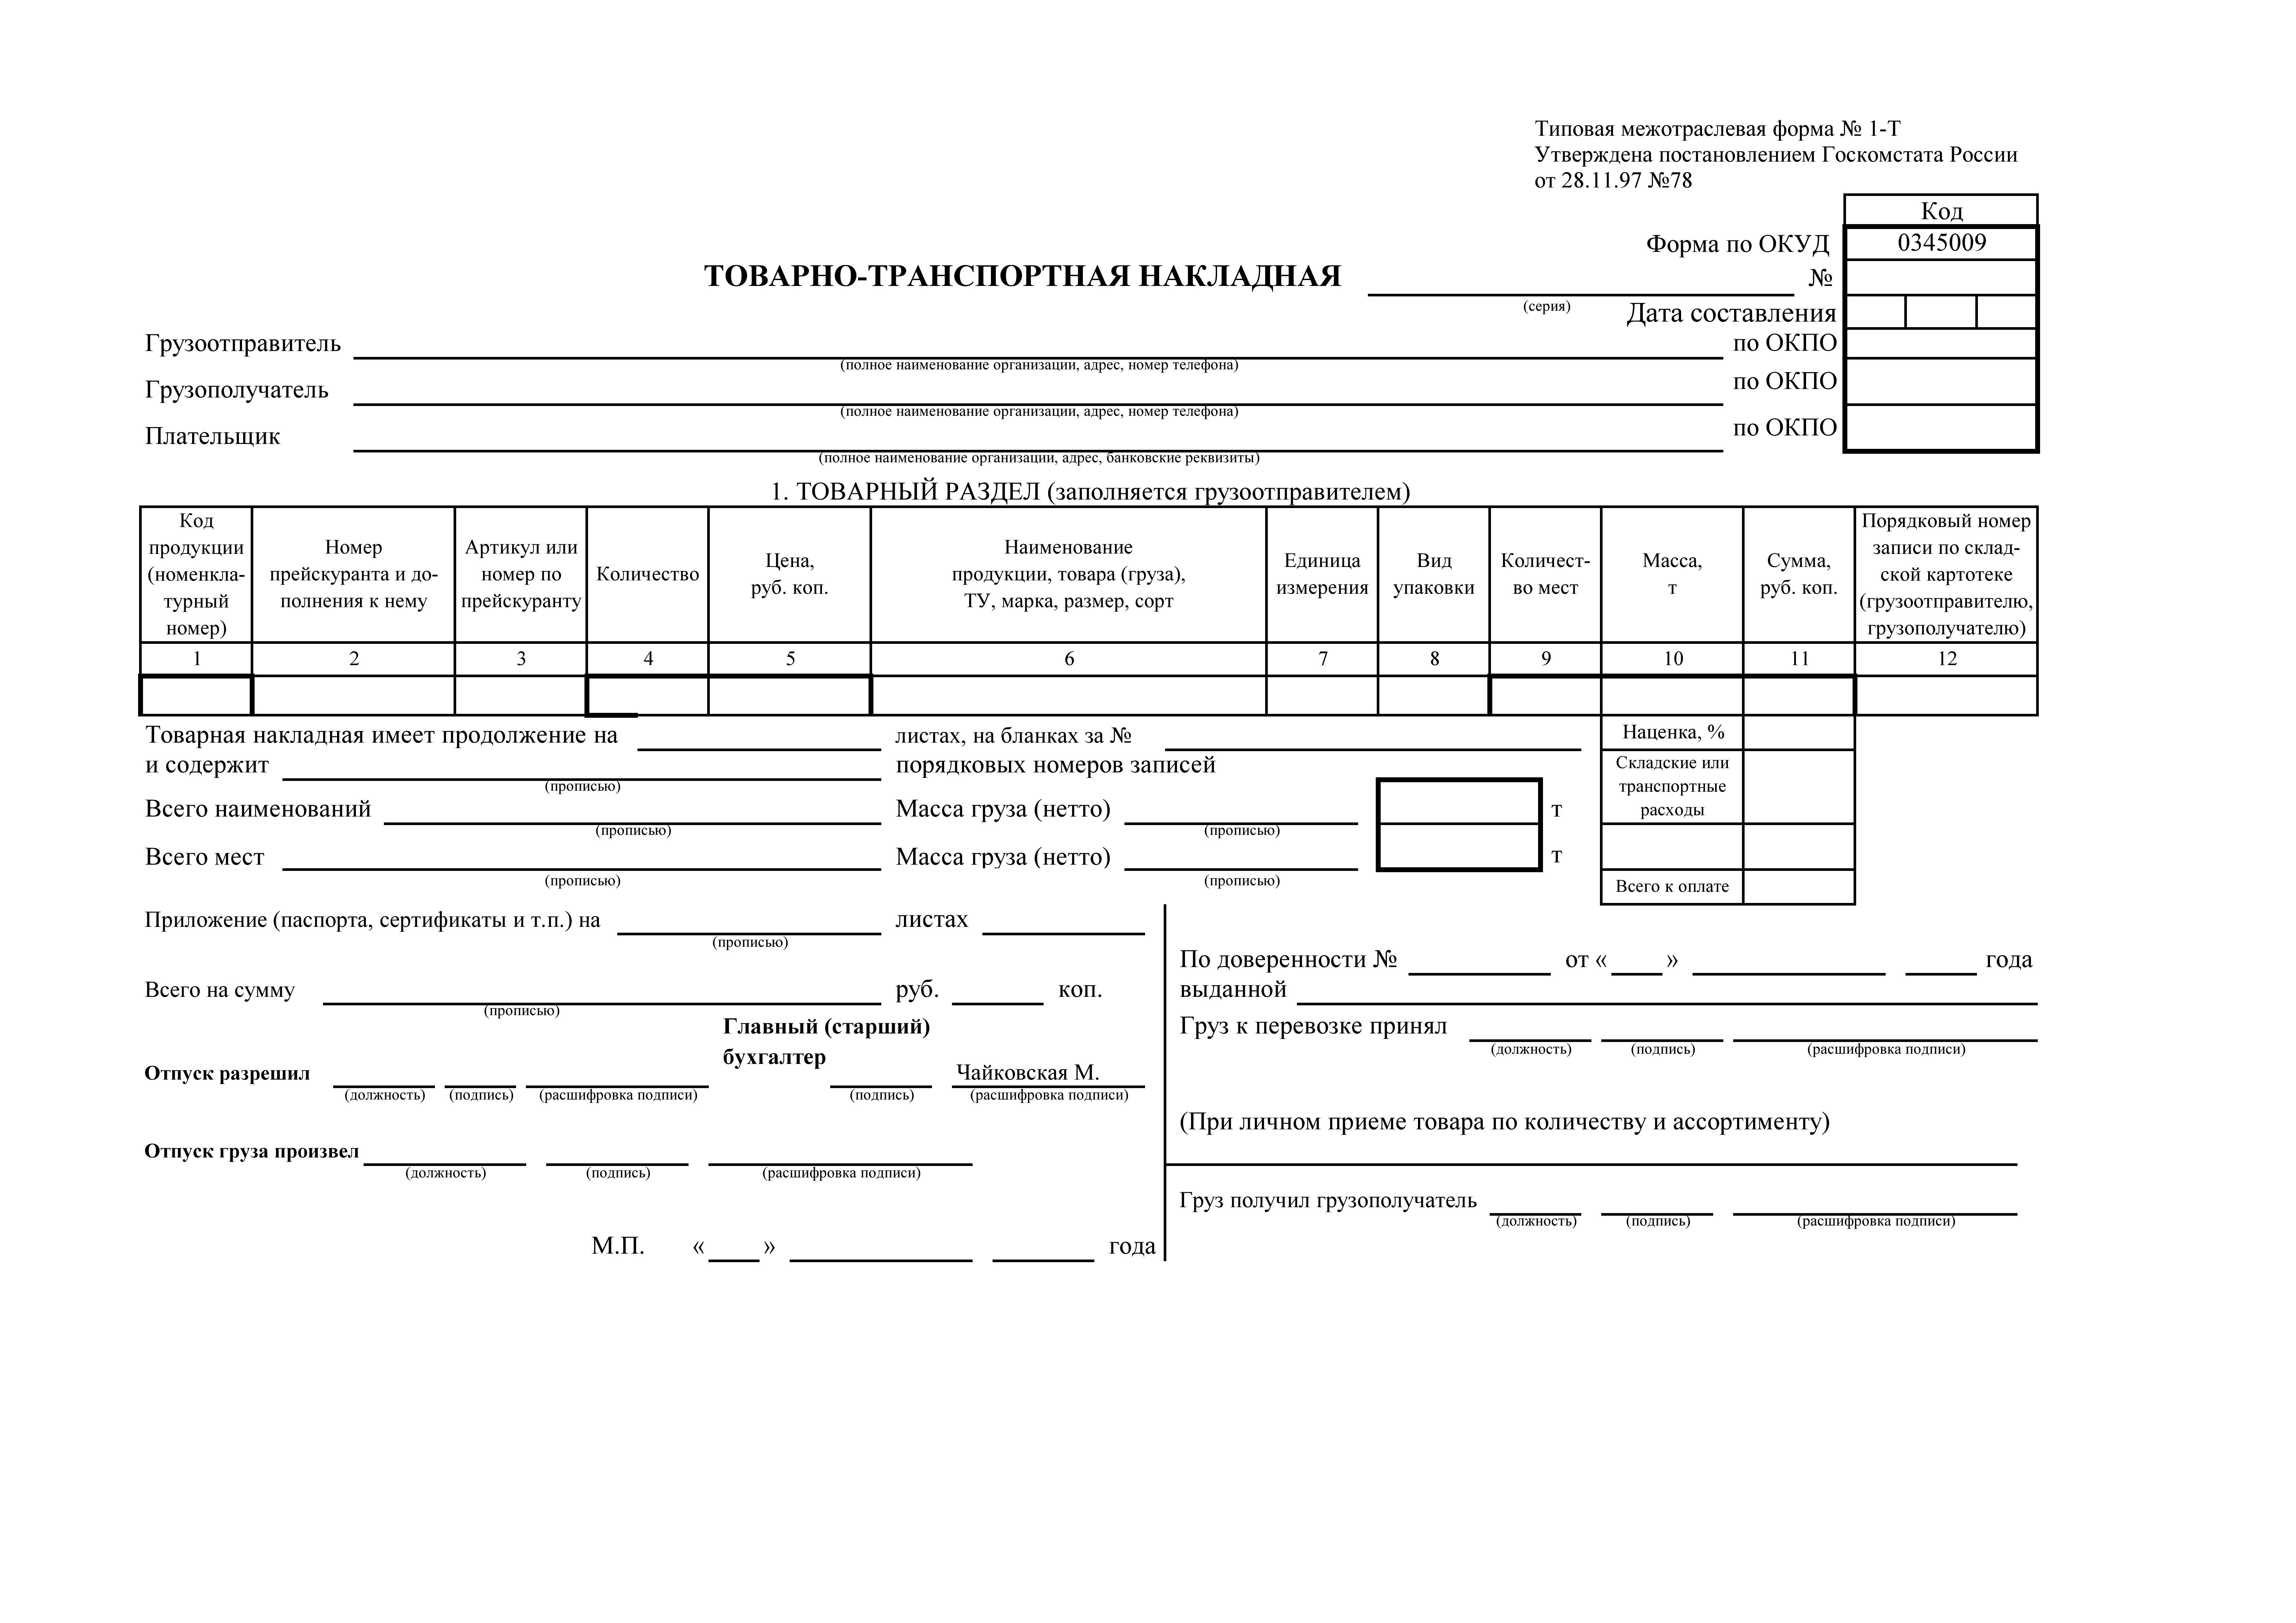 Для чего нужны транспортная и товарно-транспортная накладные и счет-фактура? чем отличаются эти документы?